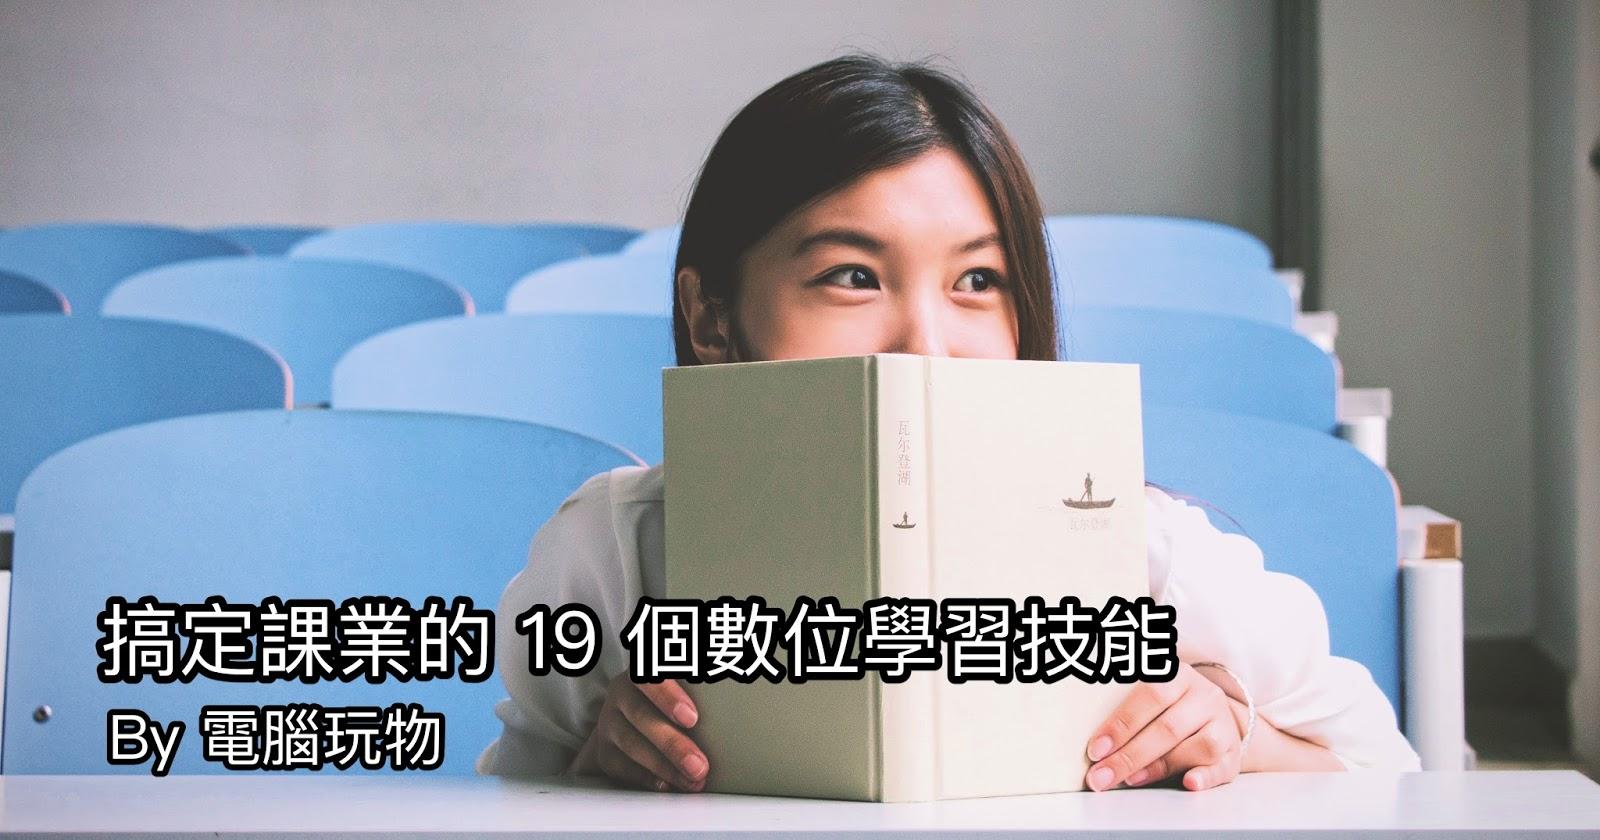 19 個新學期準備考試、做報告、寫筆記的數位學習與研究技能